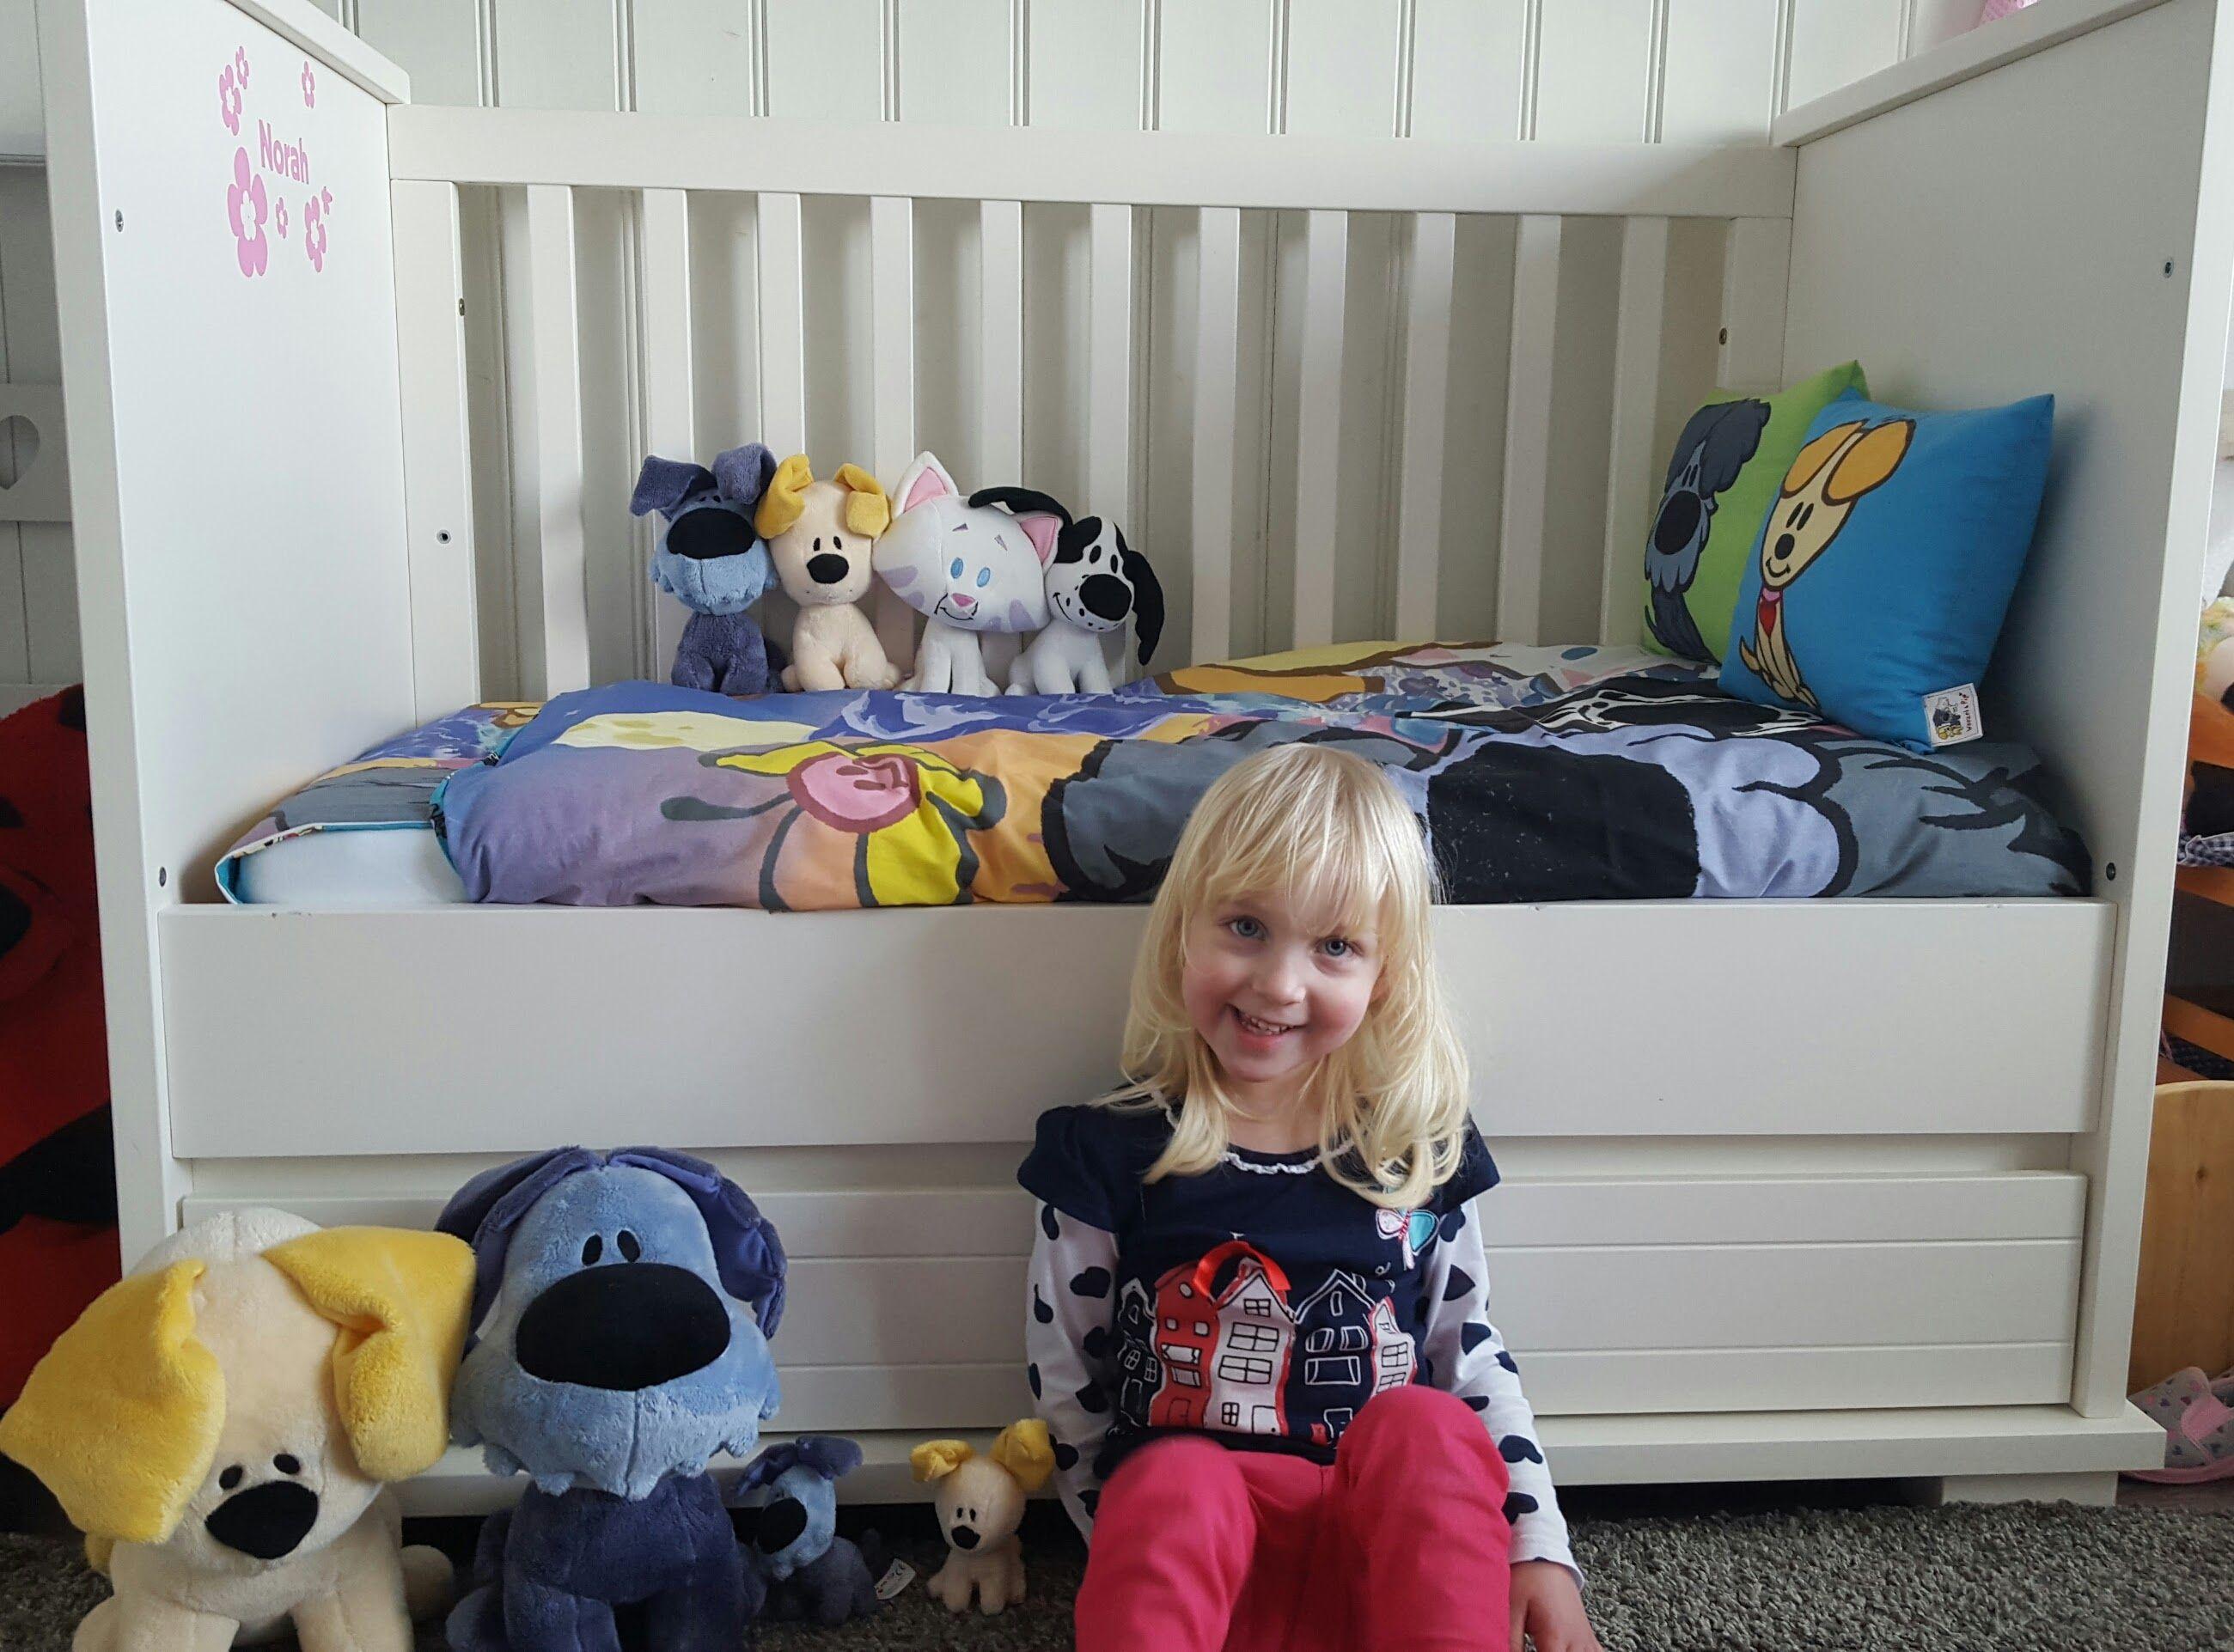 Vriendinnetje Norah bij haar bed met Woezel & Pip dekbed en knuffels